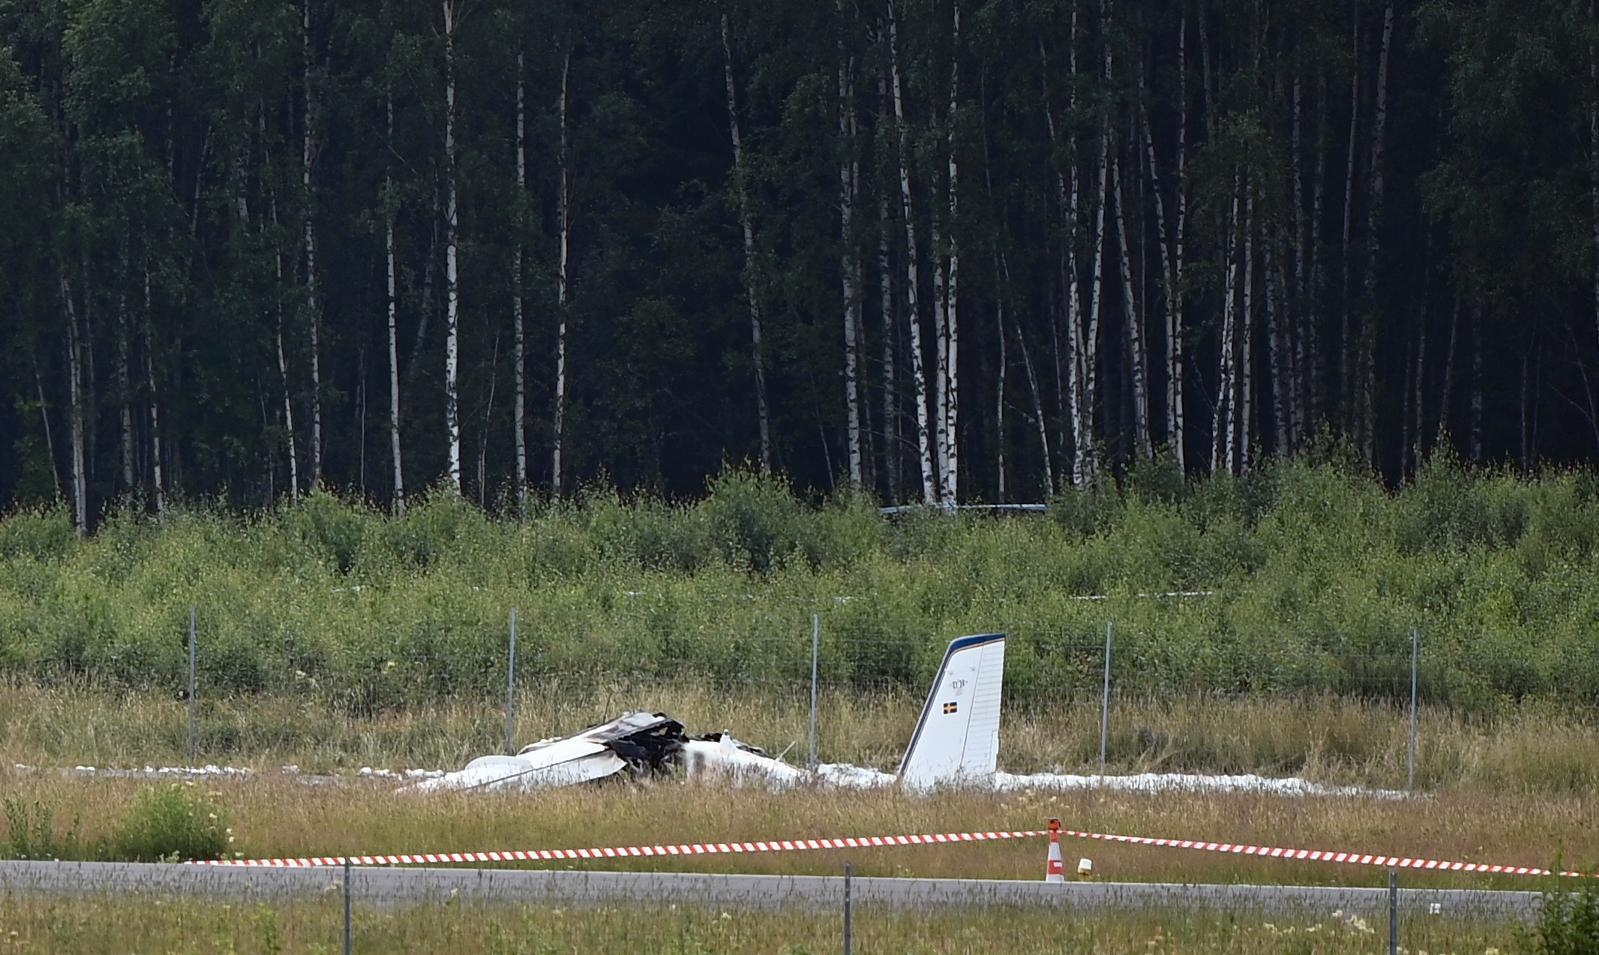 Nio personer dog i flygkraschen. Åtta fallskärmshoppare plus piloten.